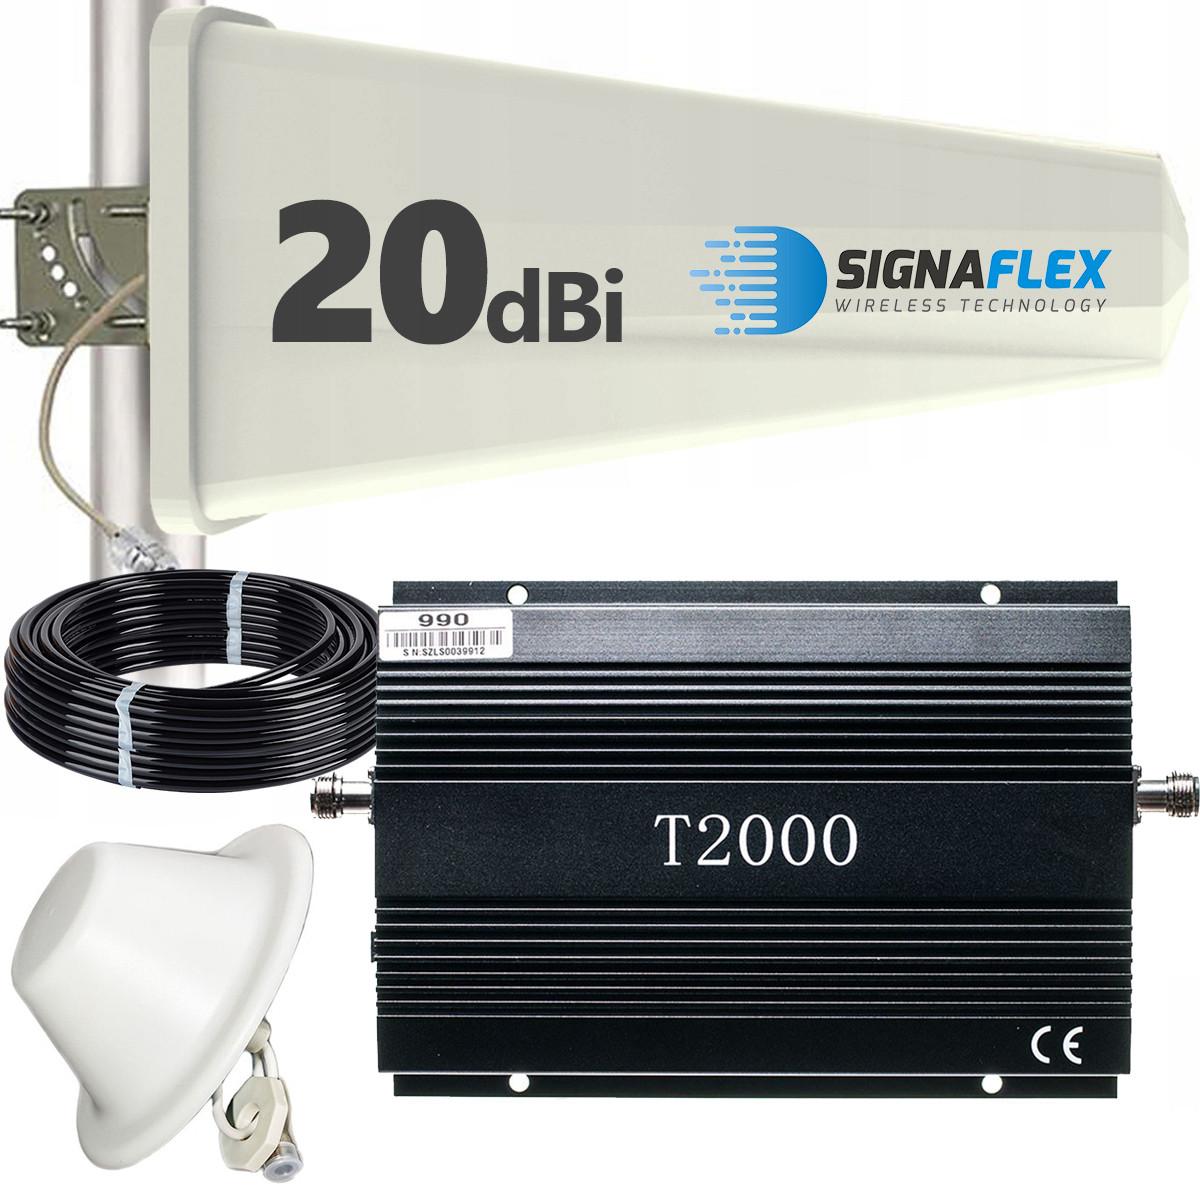 Komplet: wzmacniacz GSM T2000 + Tajfun z grzybkiem